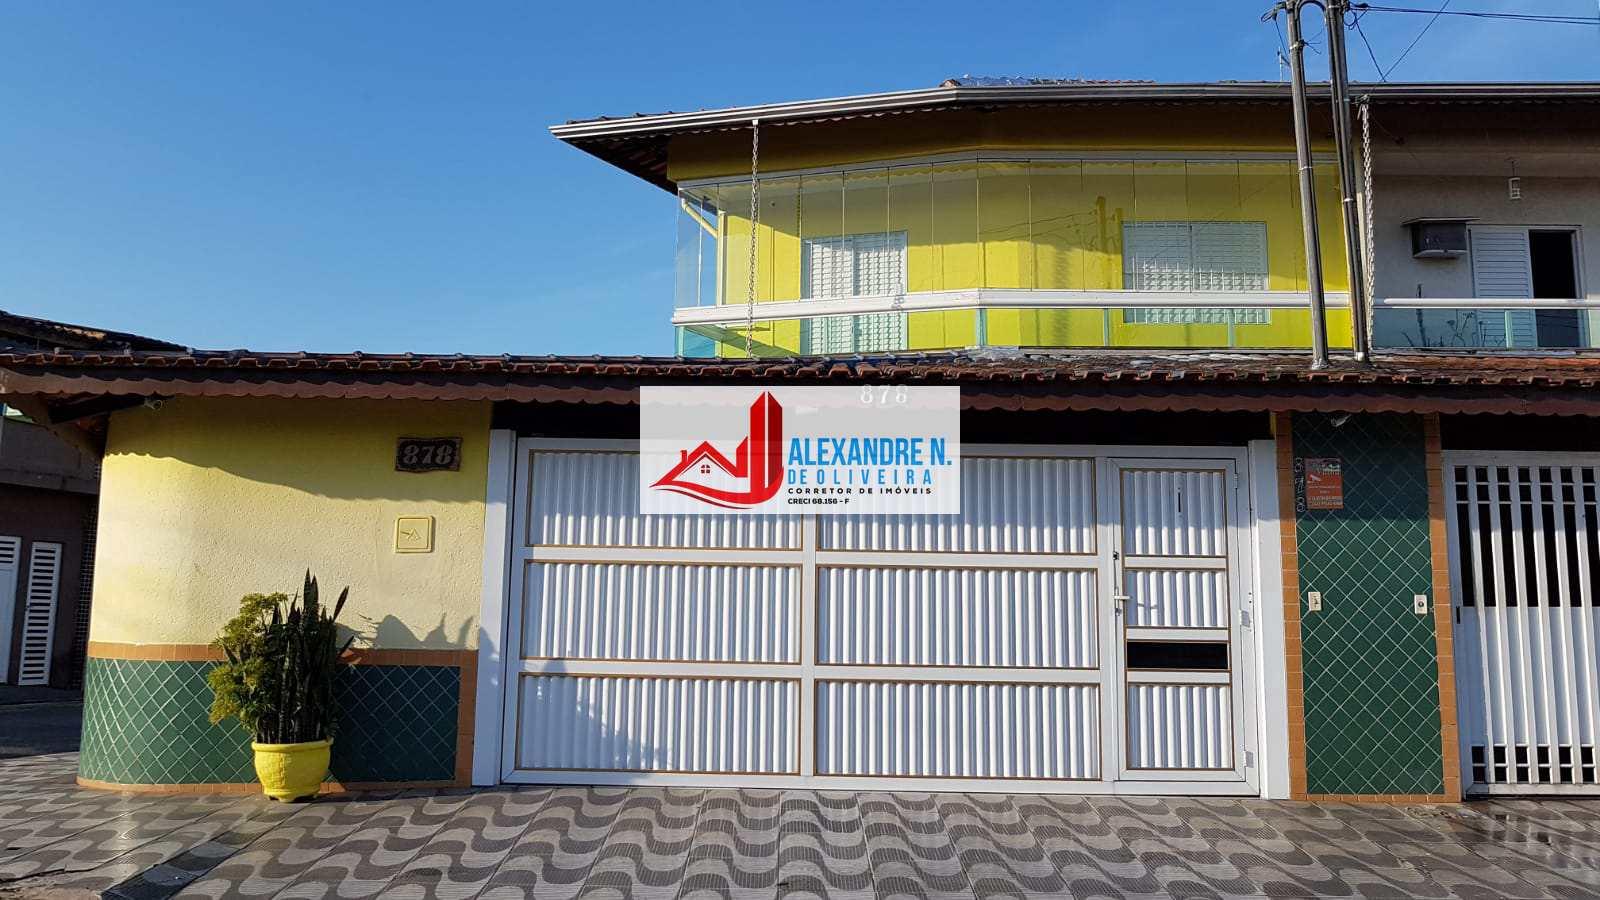 Sobrado 3 dorms, suíte, Tupi, Praia Grande, R$ 340 mil, SB00017